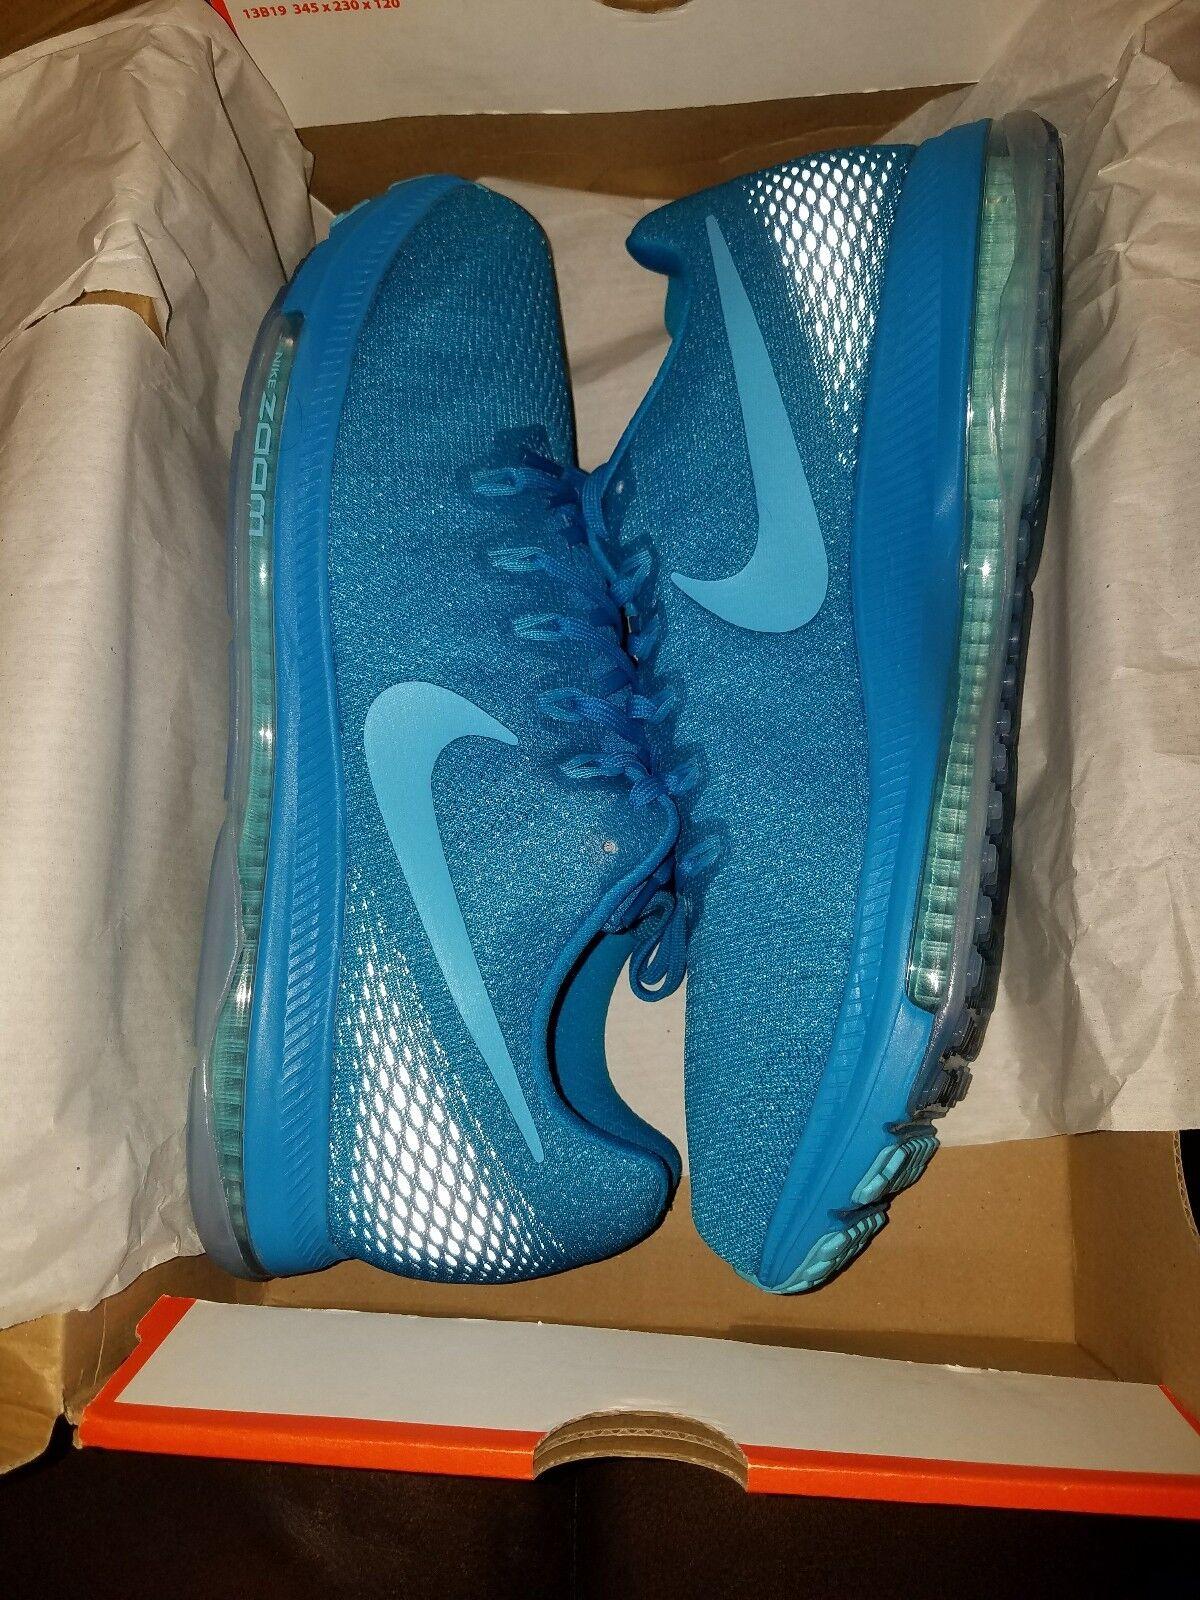 Nike zoom aus niedrigen -  blauen orbit orbit blauen / Blau fury / polarisierten blau 78670406 11,5 85756e